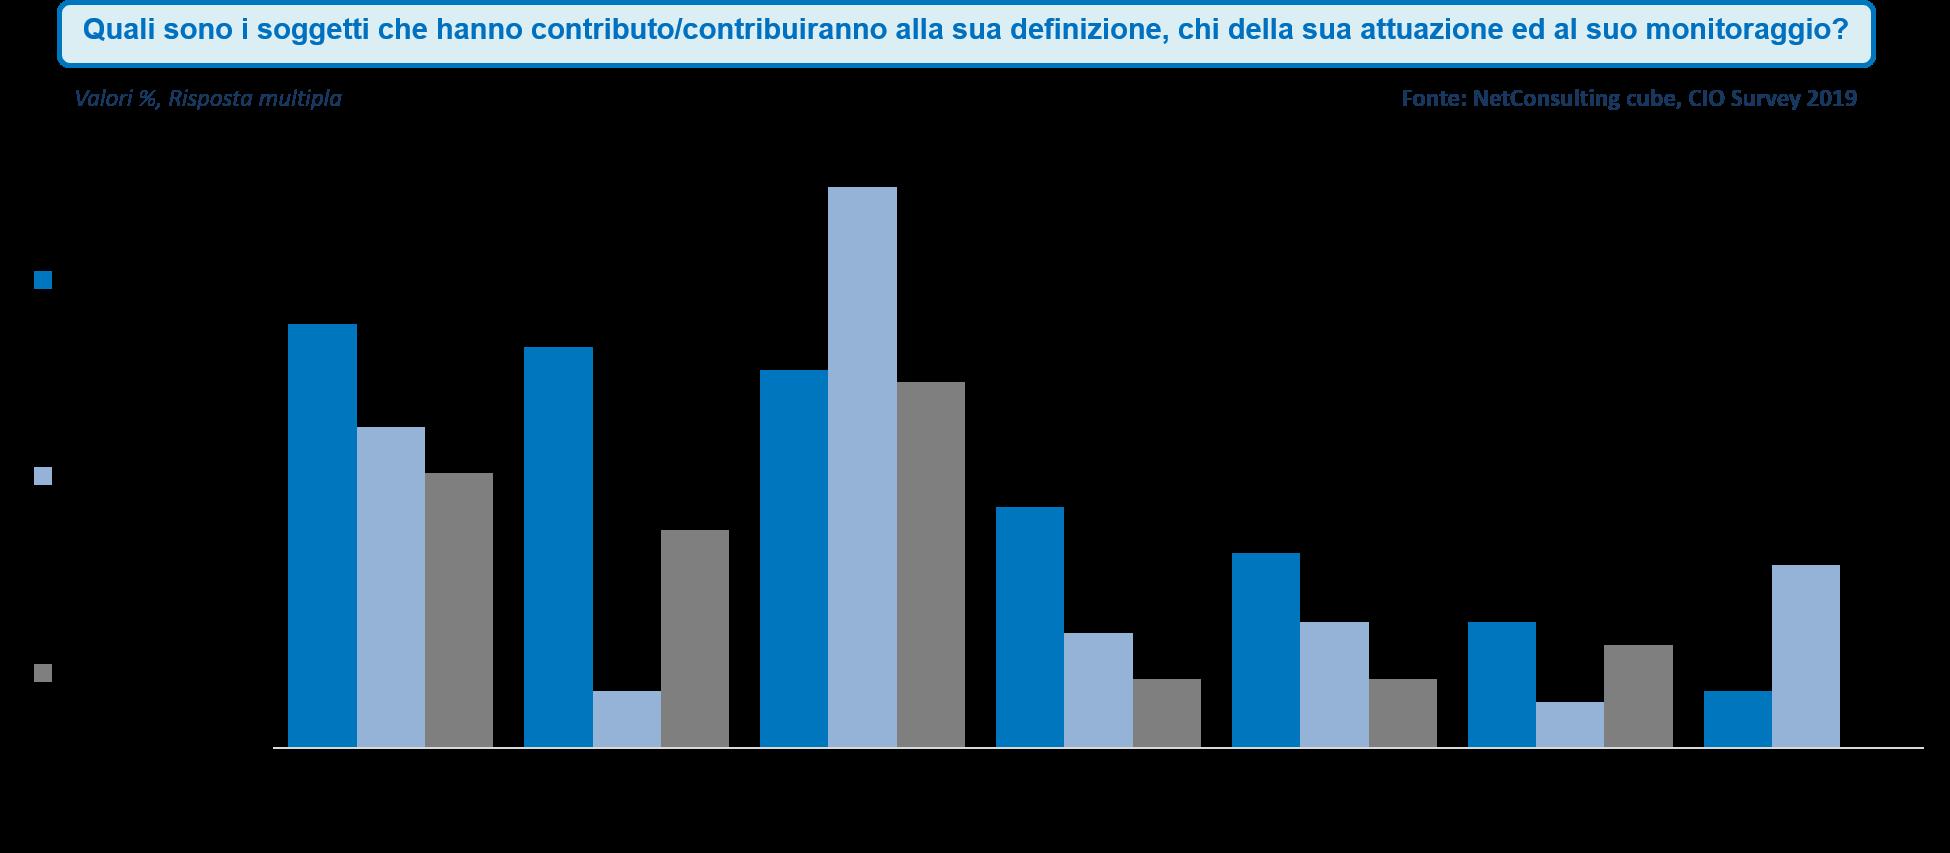 Gli attori coinvolti nella definizione, attuazione e monitoraggio del piano di digital transformation -Fonte: NetConsulting cube, CIO Survey 2019